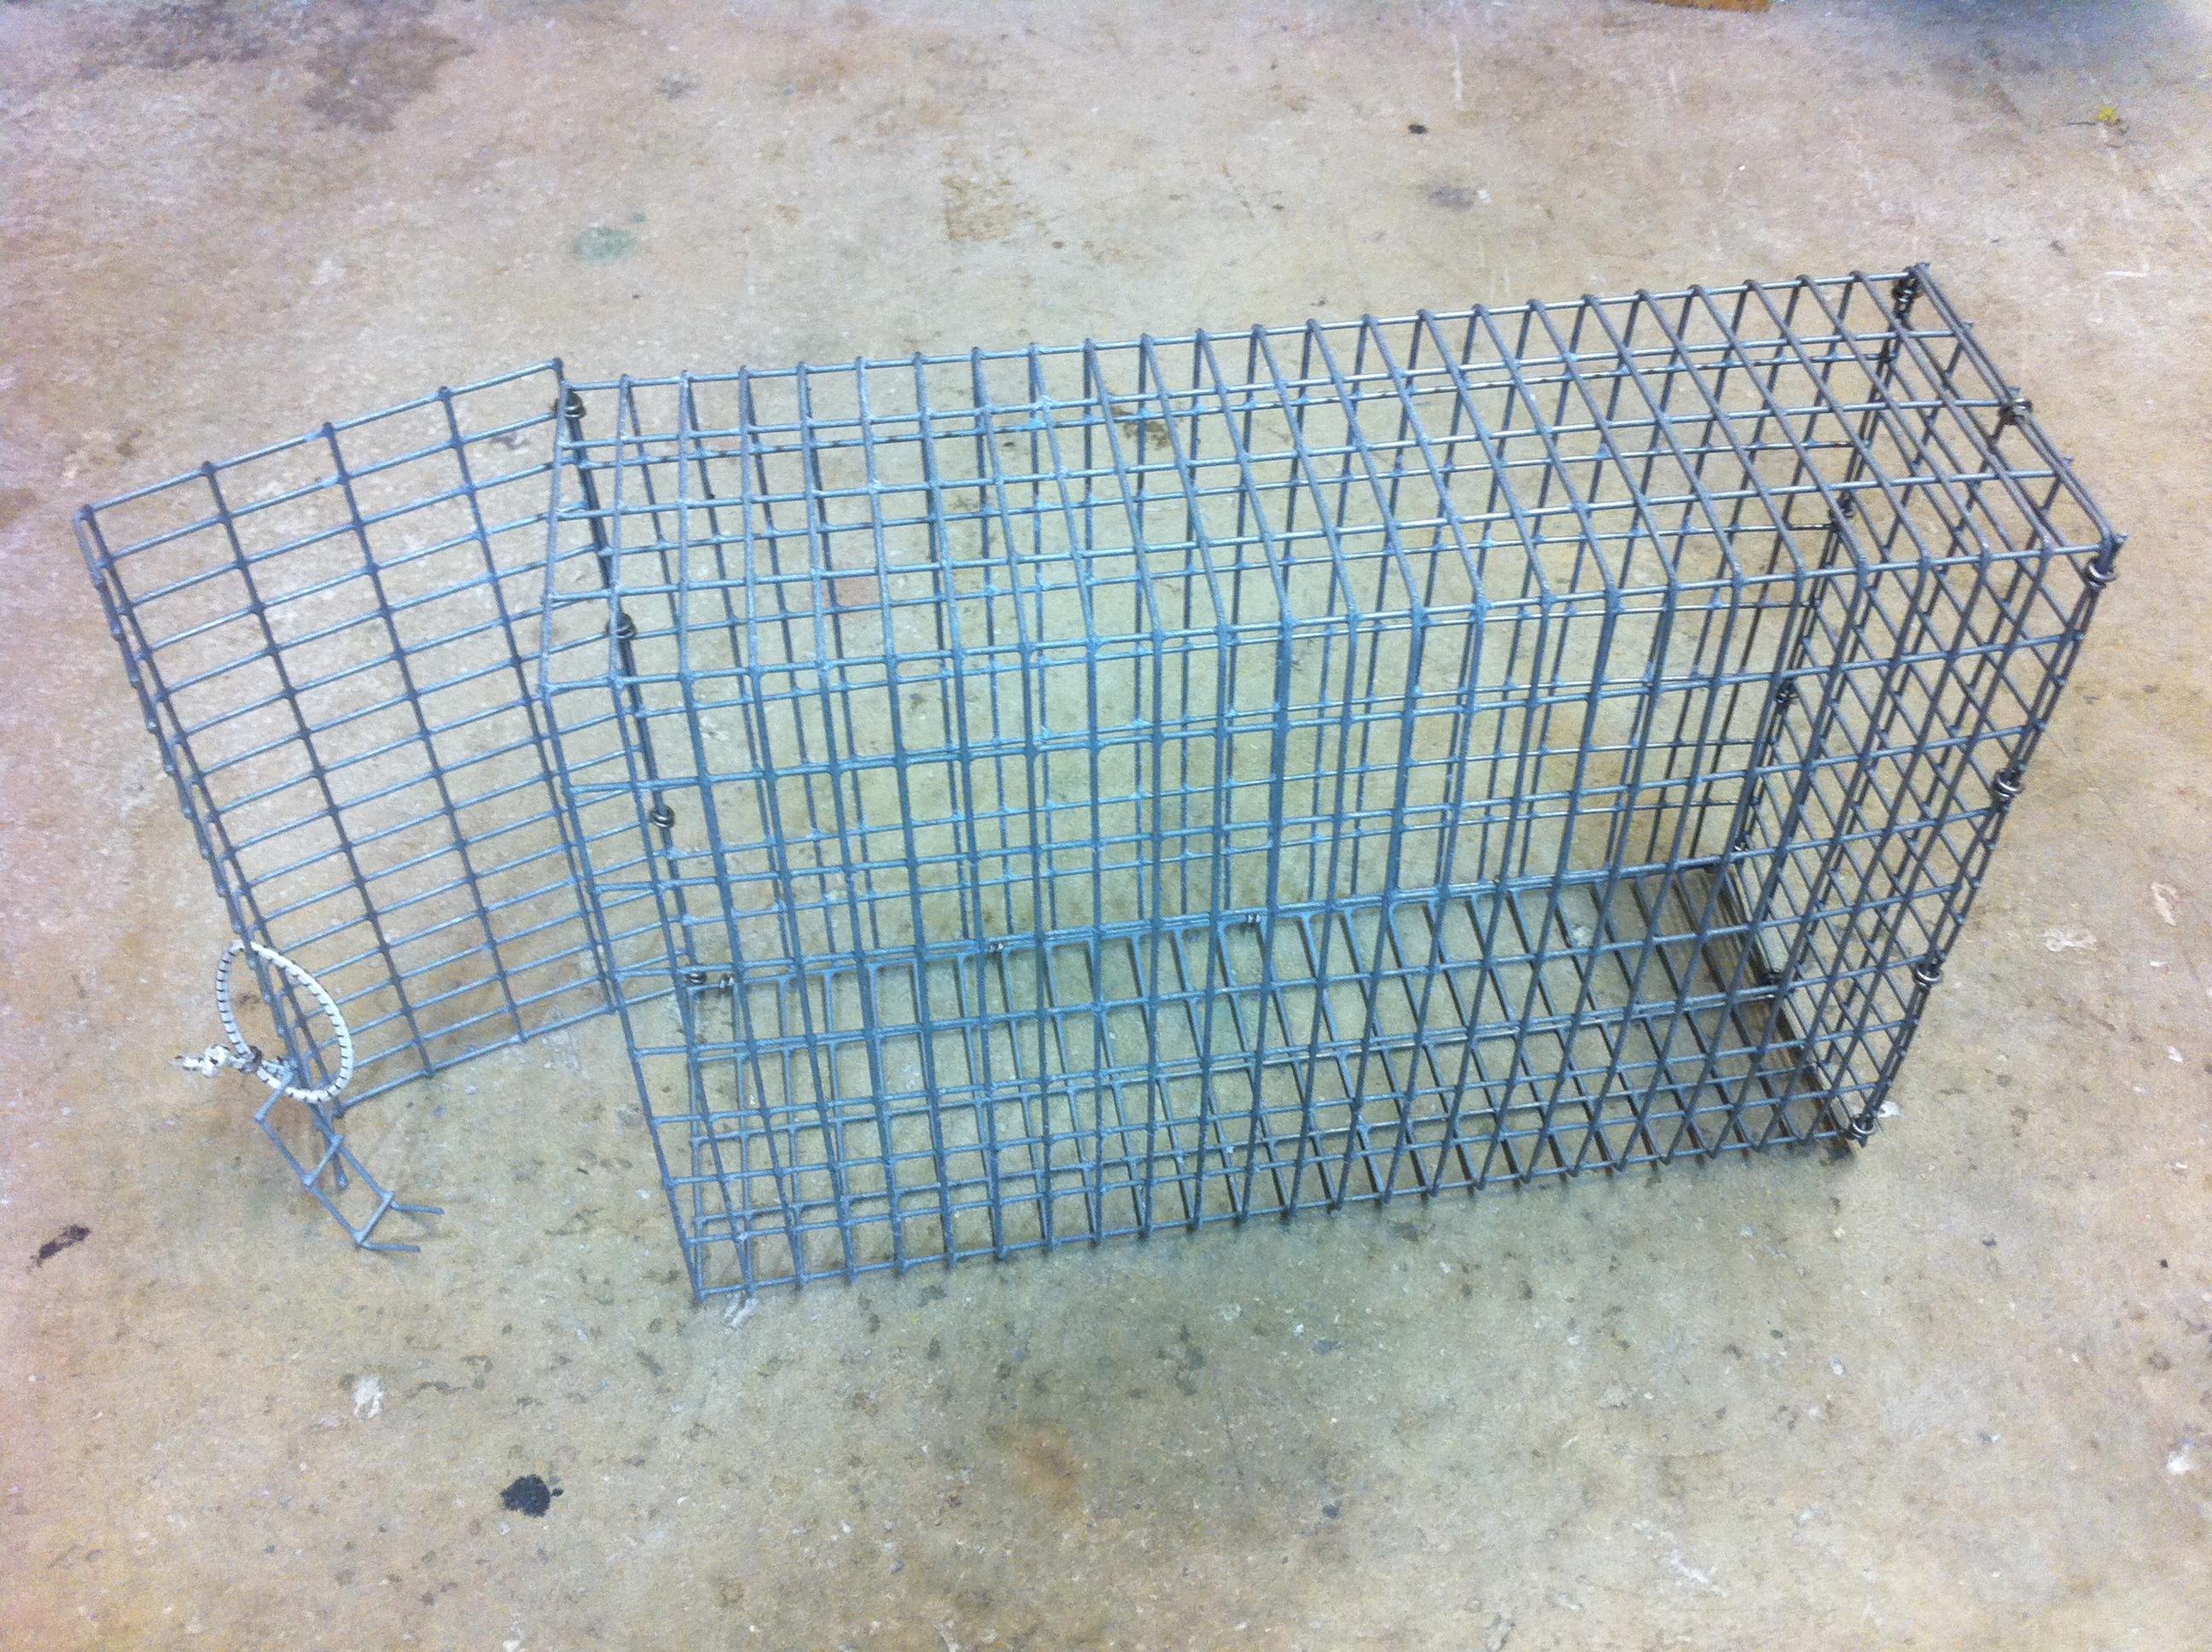 Bandito Chum Cage